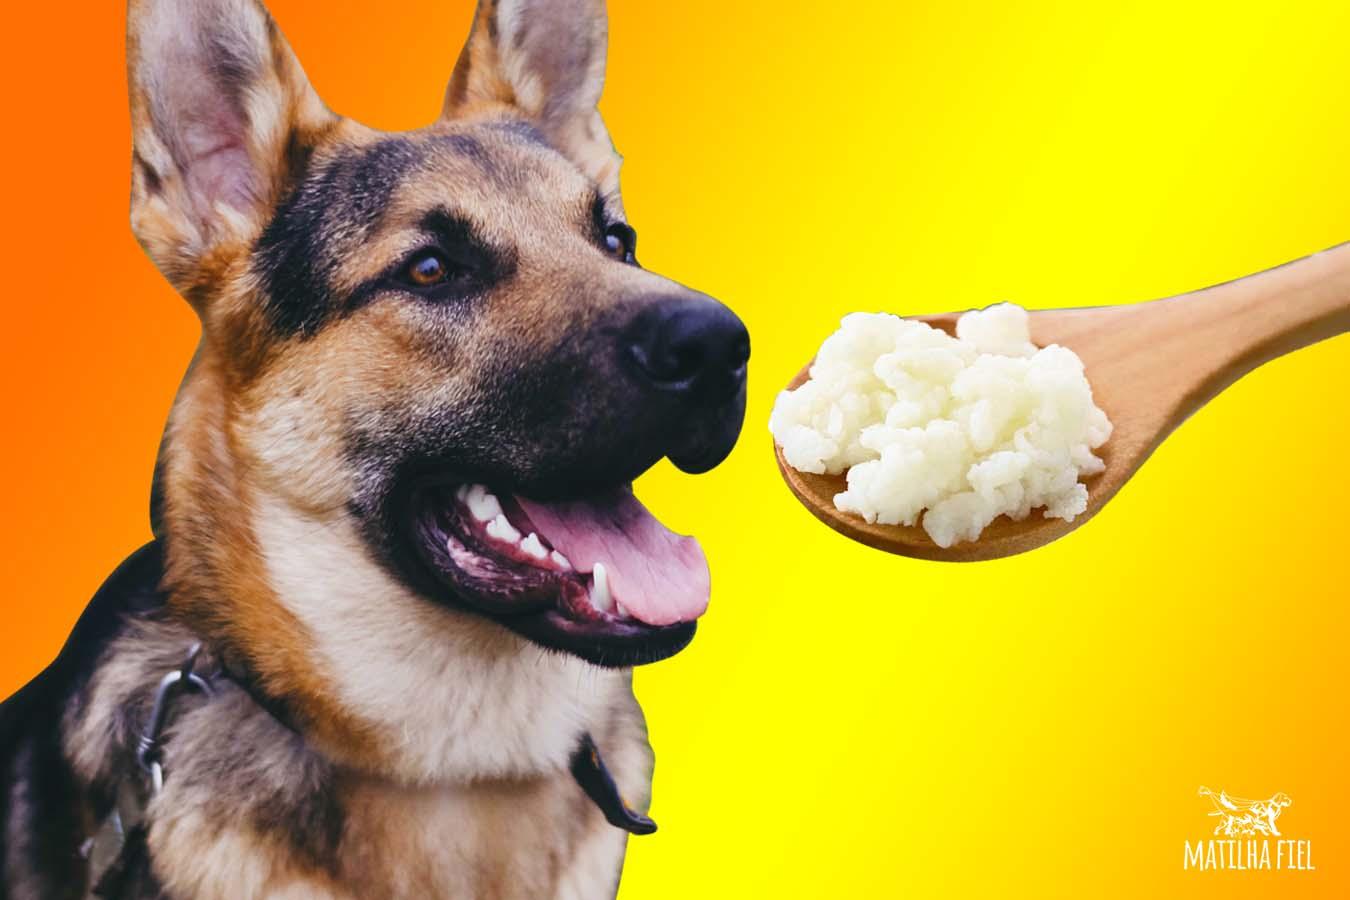 cachorro-com-kefir